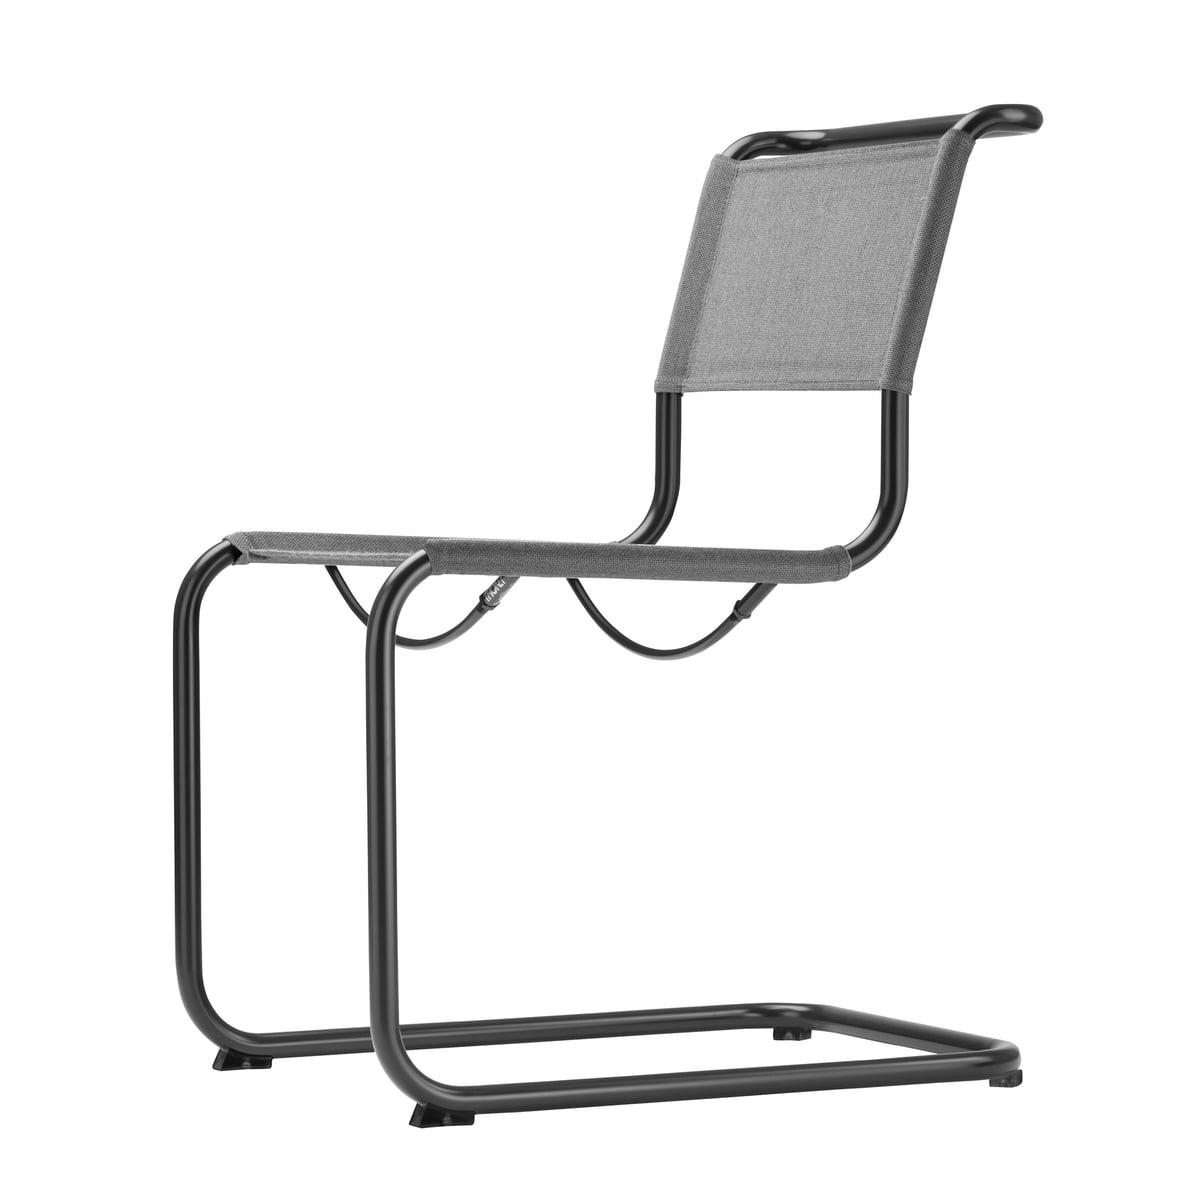 Gartenstuhl s 33 von thonet for Thonet stuhl schwarz